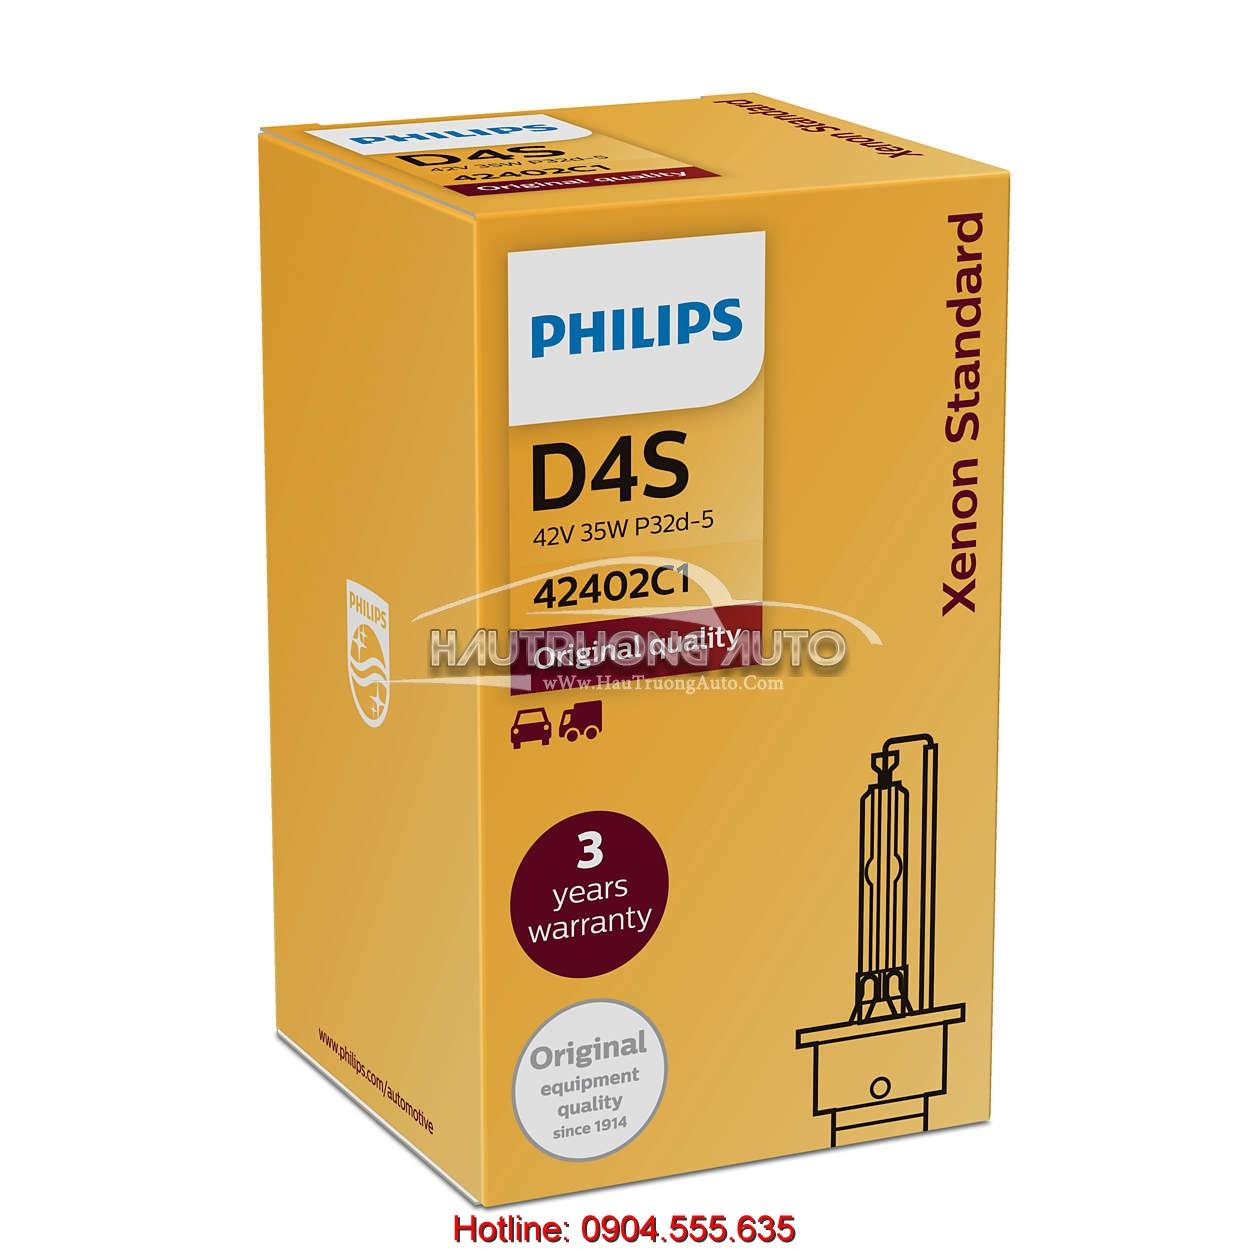 Bóng đèn Philips tiêu chuẩn D4S